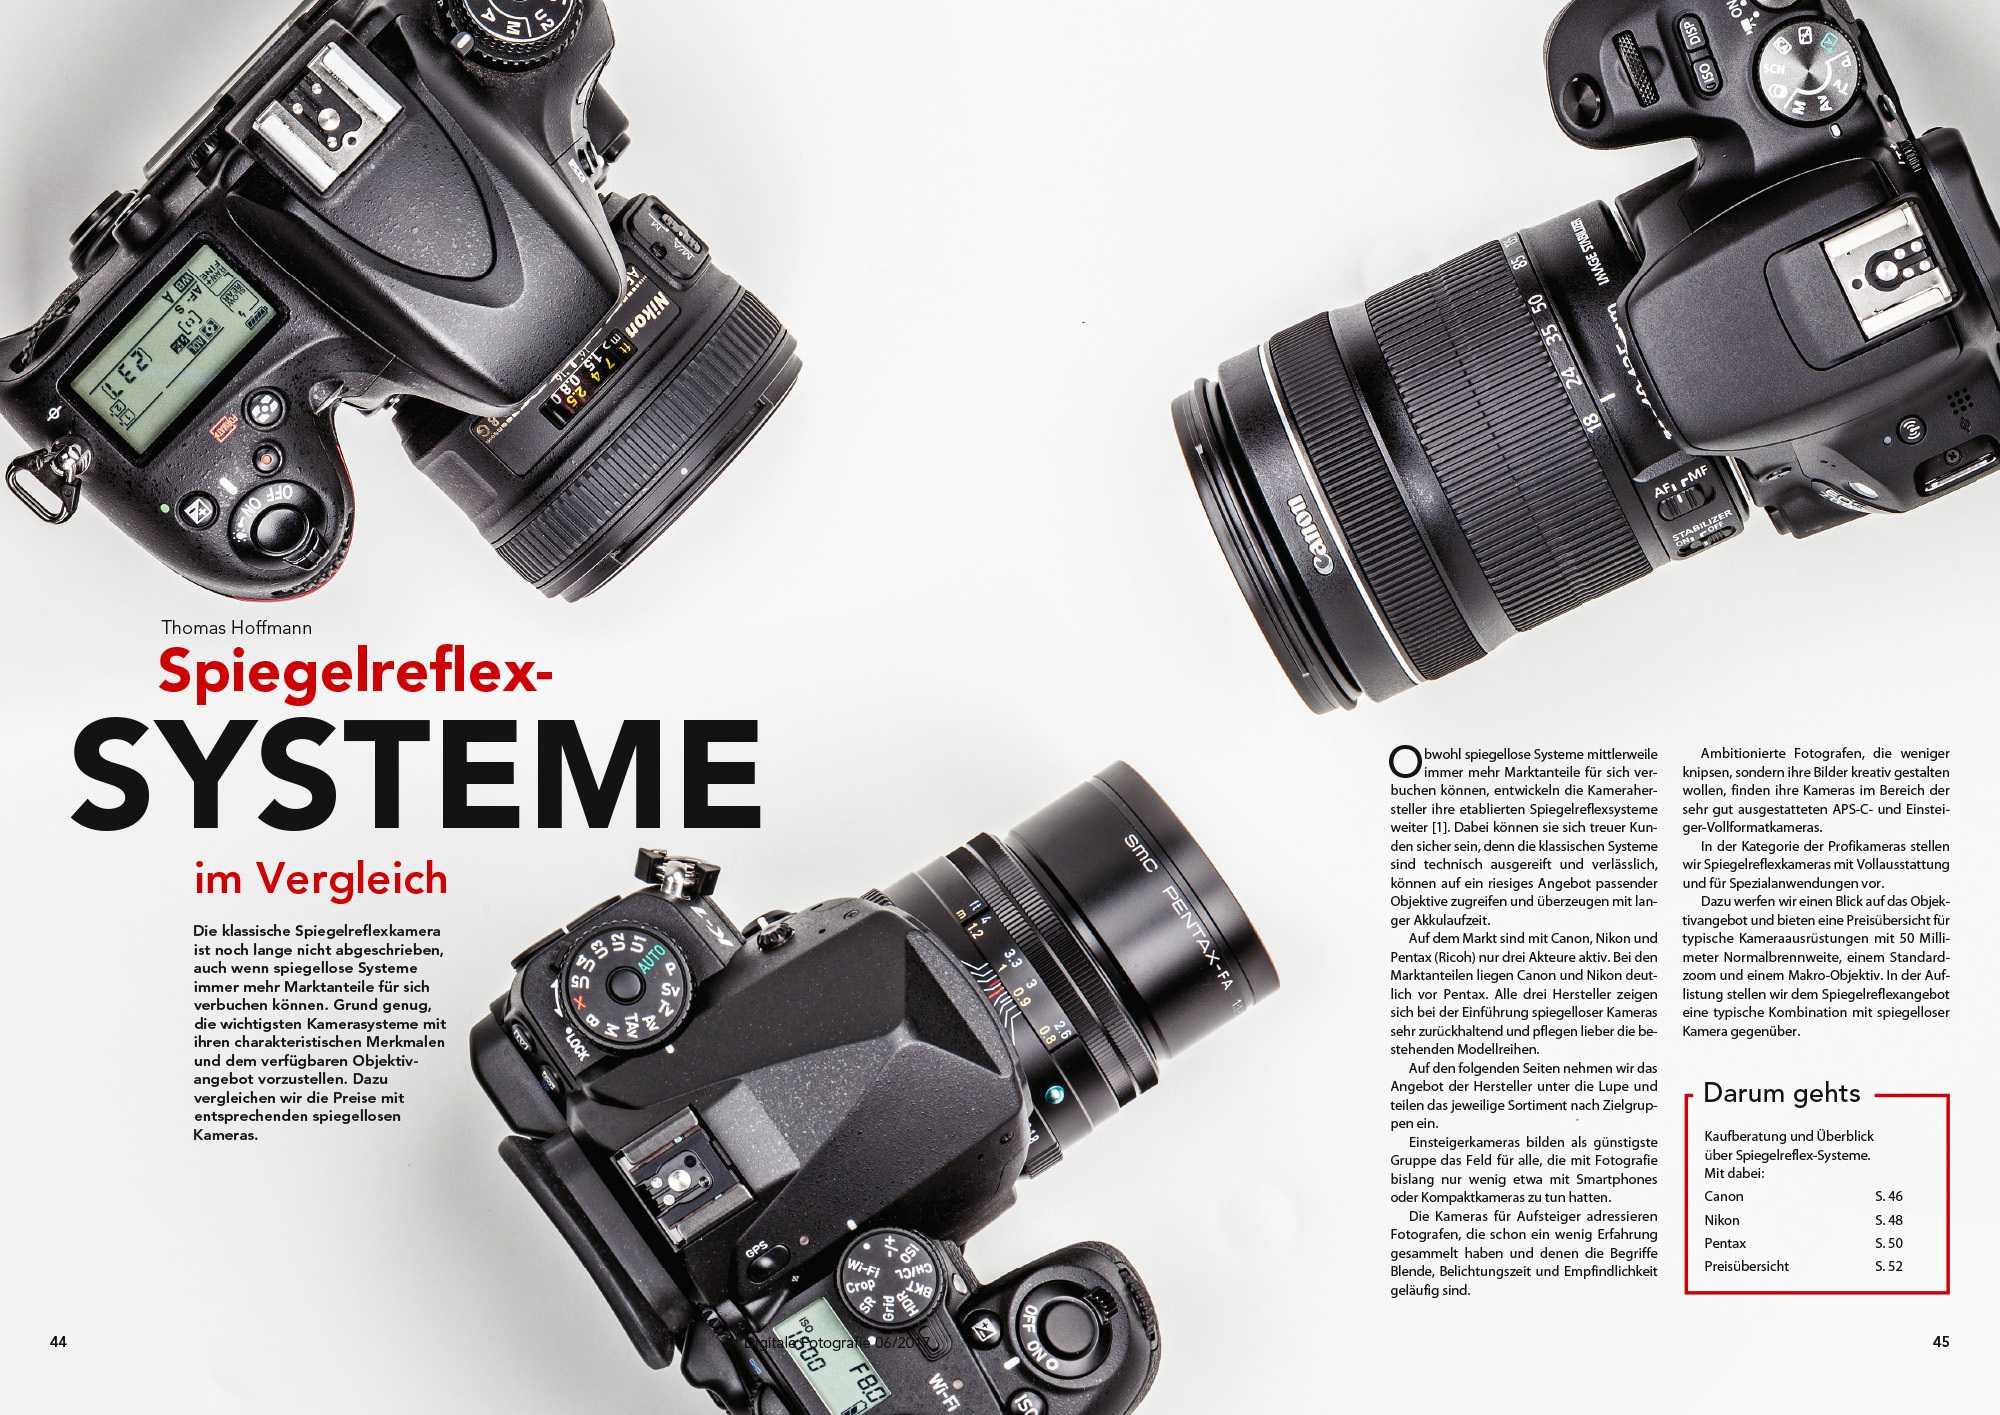 Ob für Ein- oder Aufsteiger, Semi- oder Vollprofis: Unsere DSLR-Kaufberatung gibt einen Überblick über die aktuellen Modelle von Canon, Nikon und Pentax.